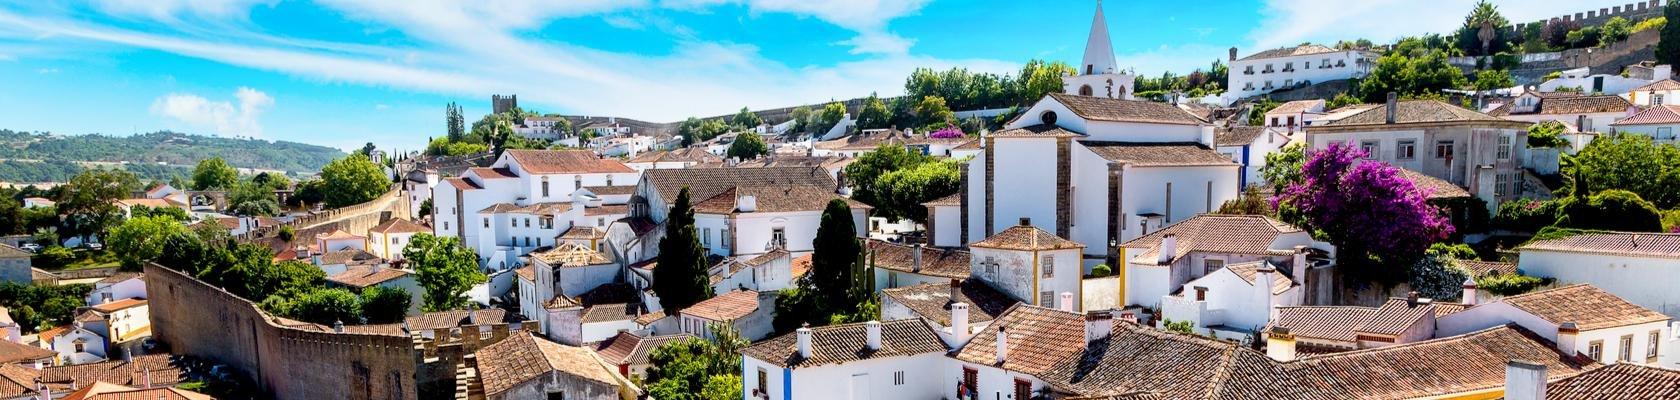 Het middeleeuwse Óbidos